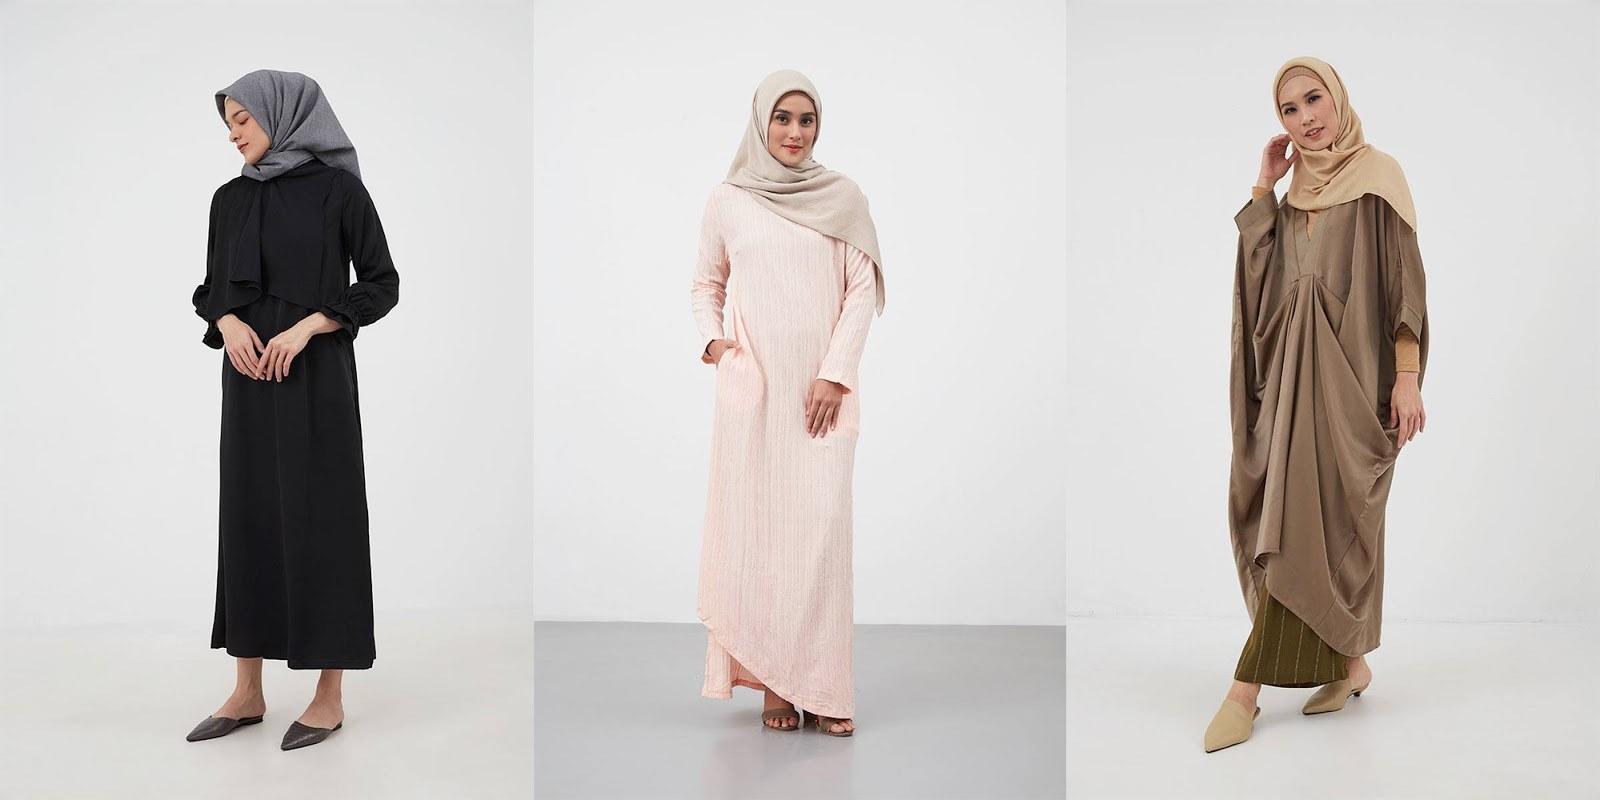 Inspirasi Baju Lebaran 2020 Nkde Intip Trend Model Baju Gamis Lebaran 2020 Dari Hijabenka